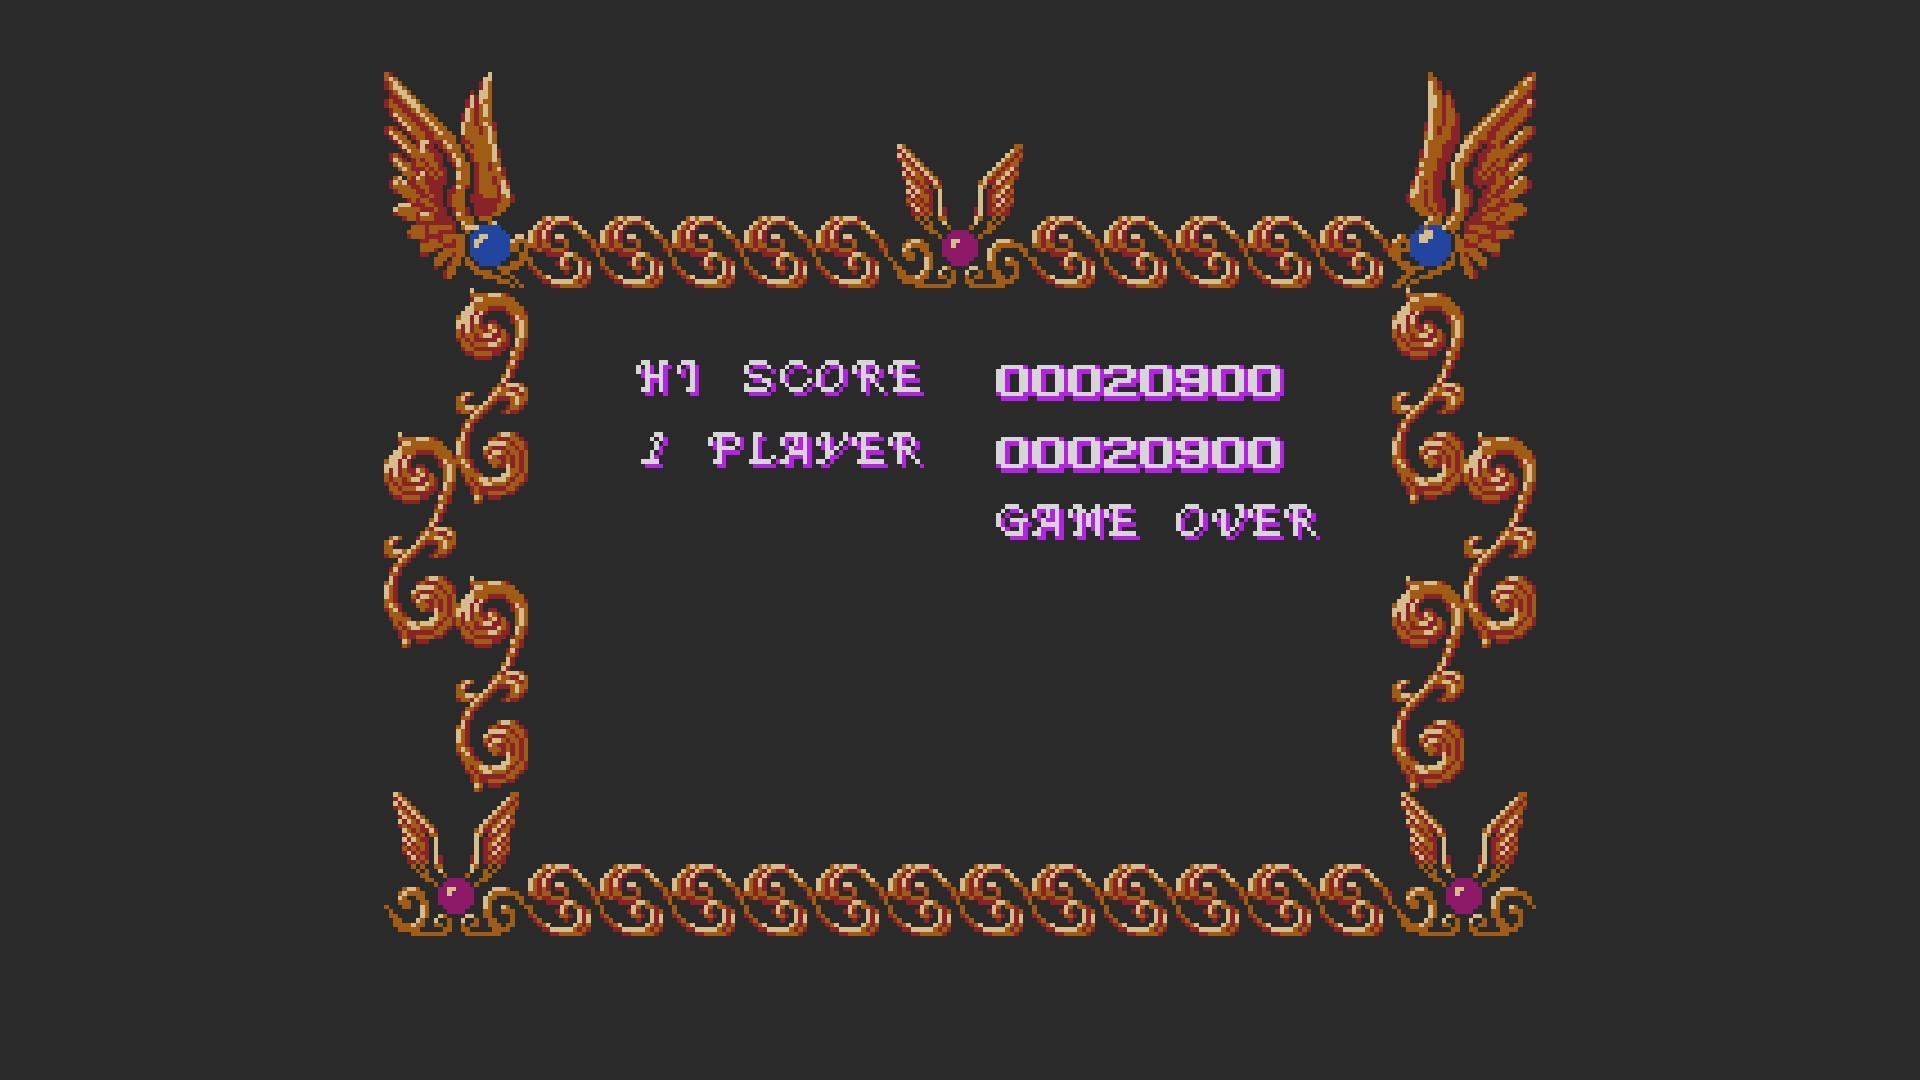 Legendary Wings 20,900 points